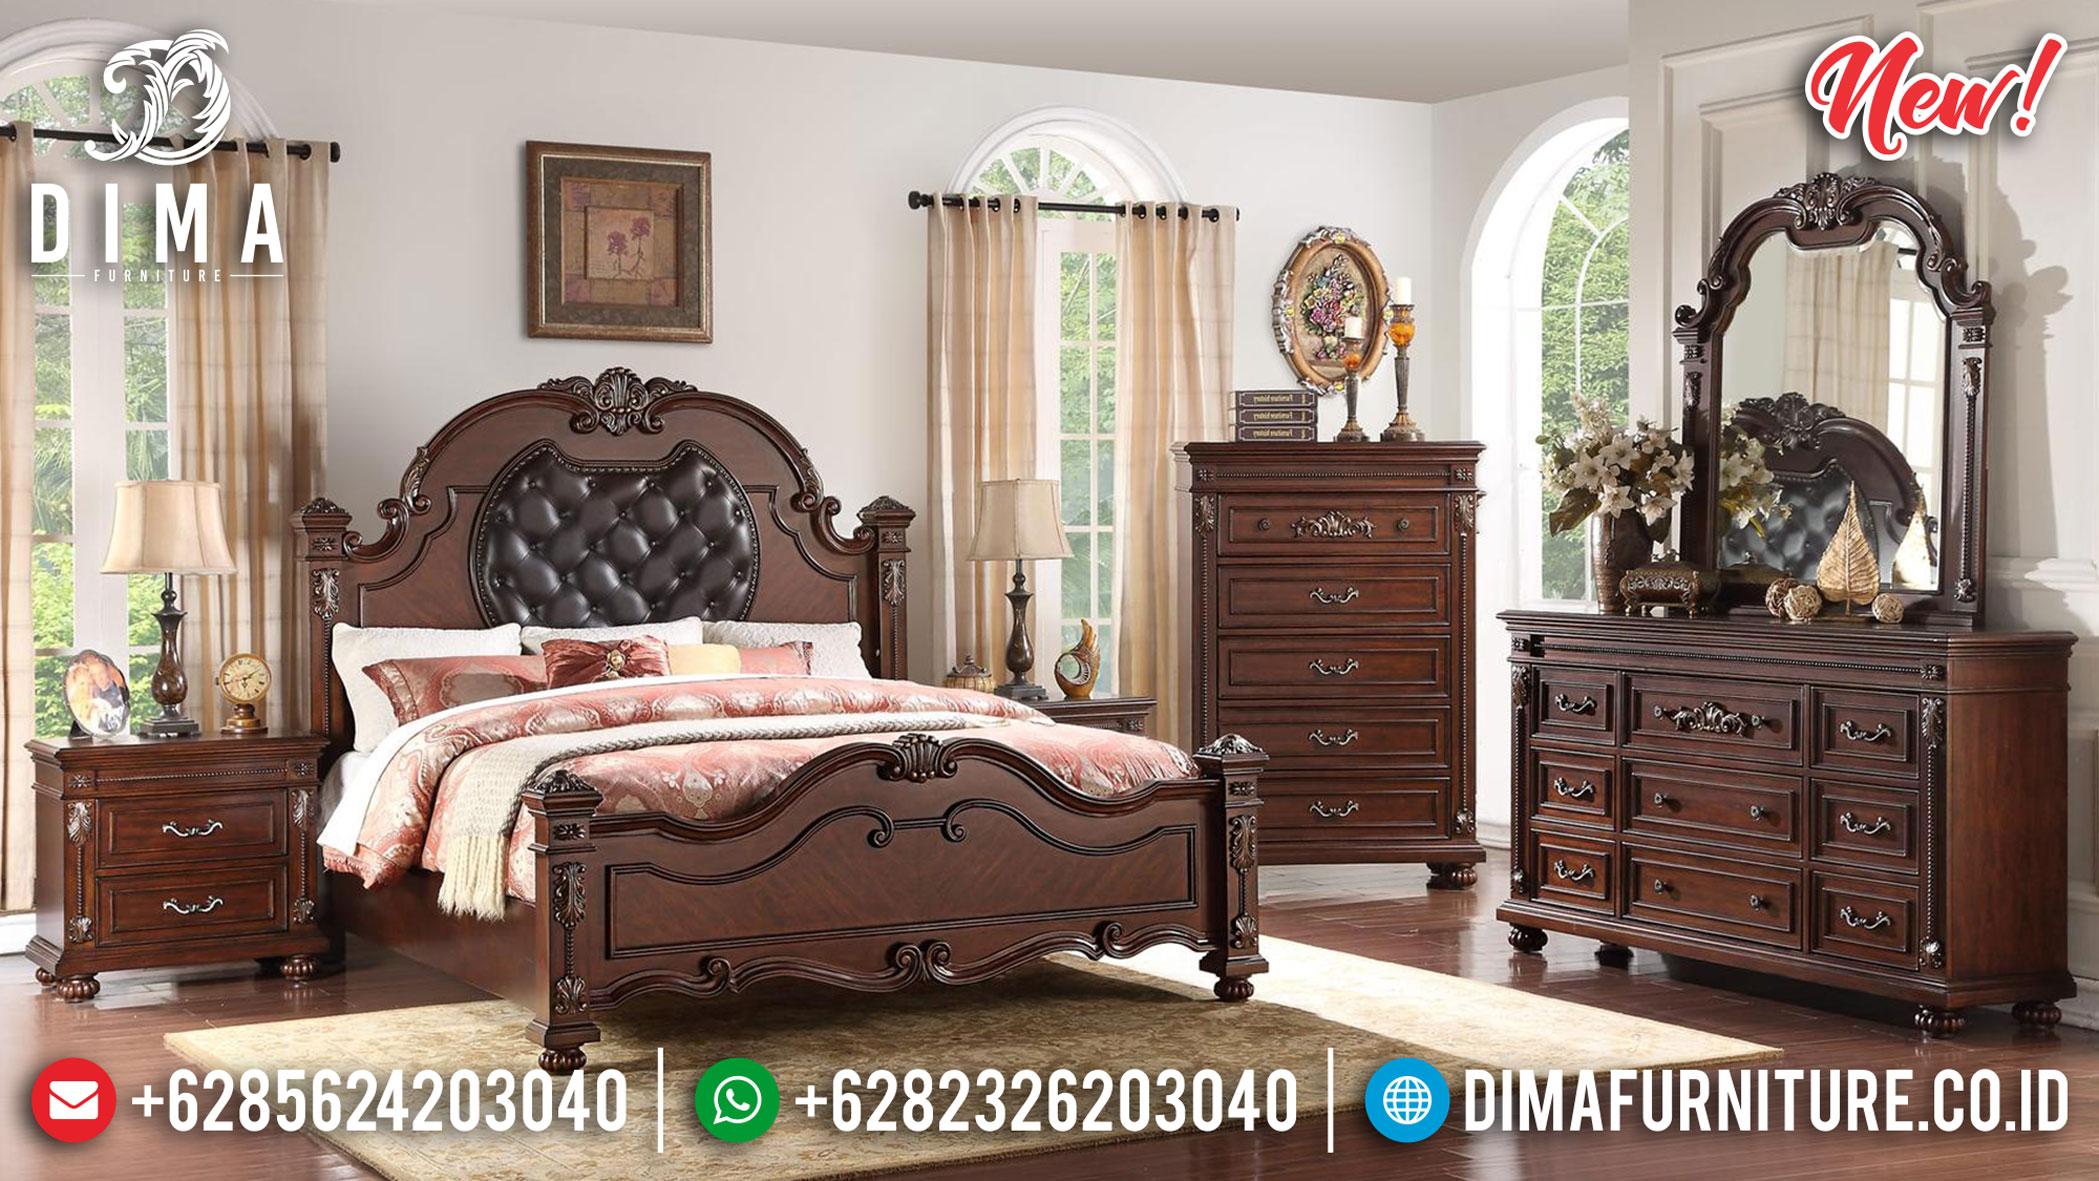 Desain Kamar Set Kayu Jati Minimalis Natural Salak Brown Luxury Carving BT-0899